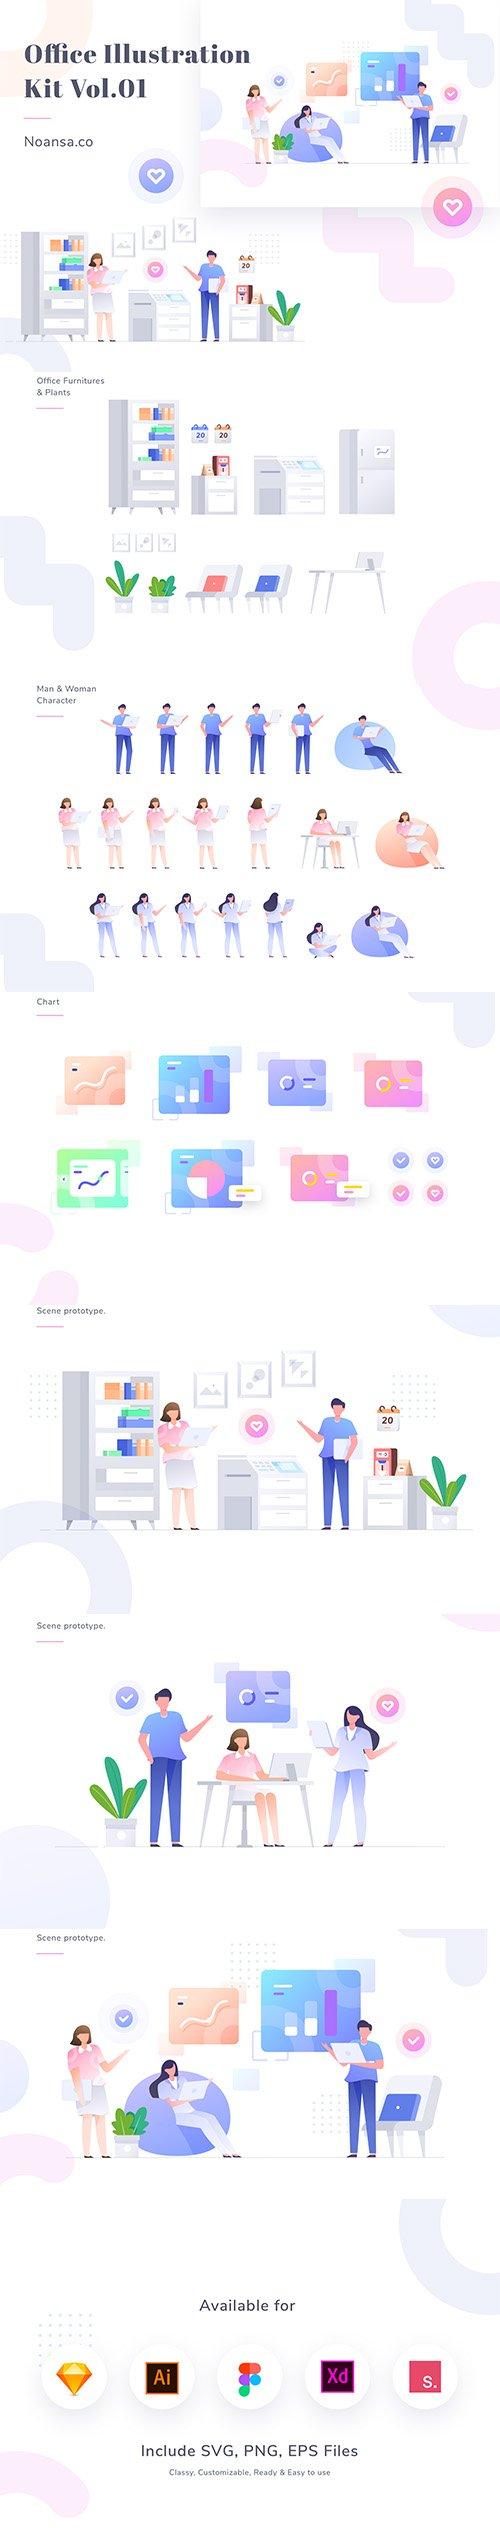 Office Illustration Vector Kit Vol.01